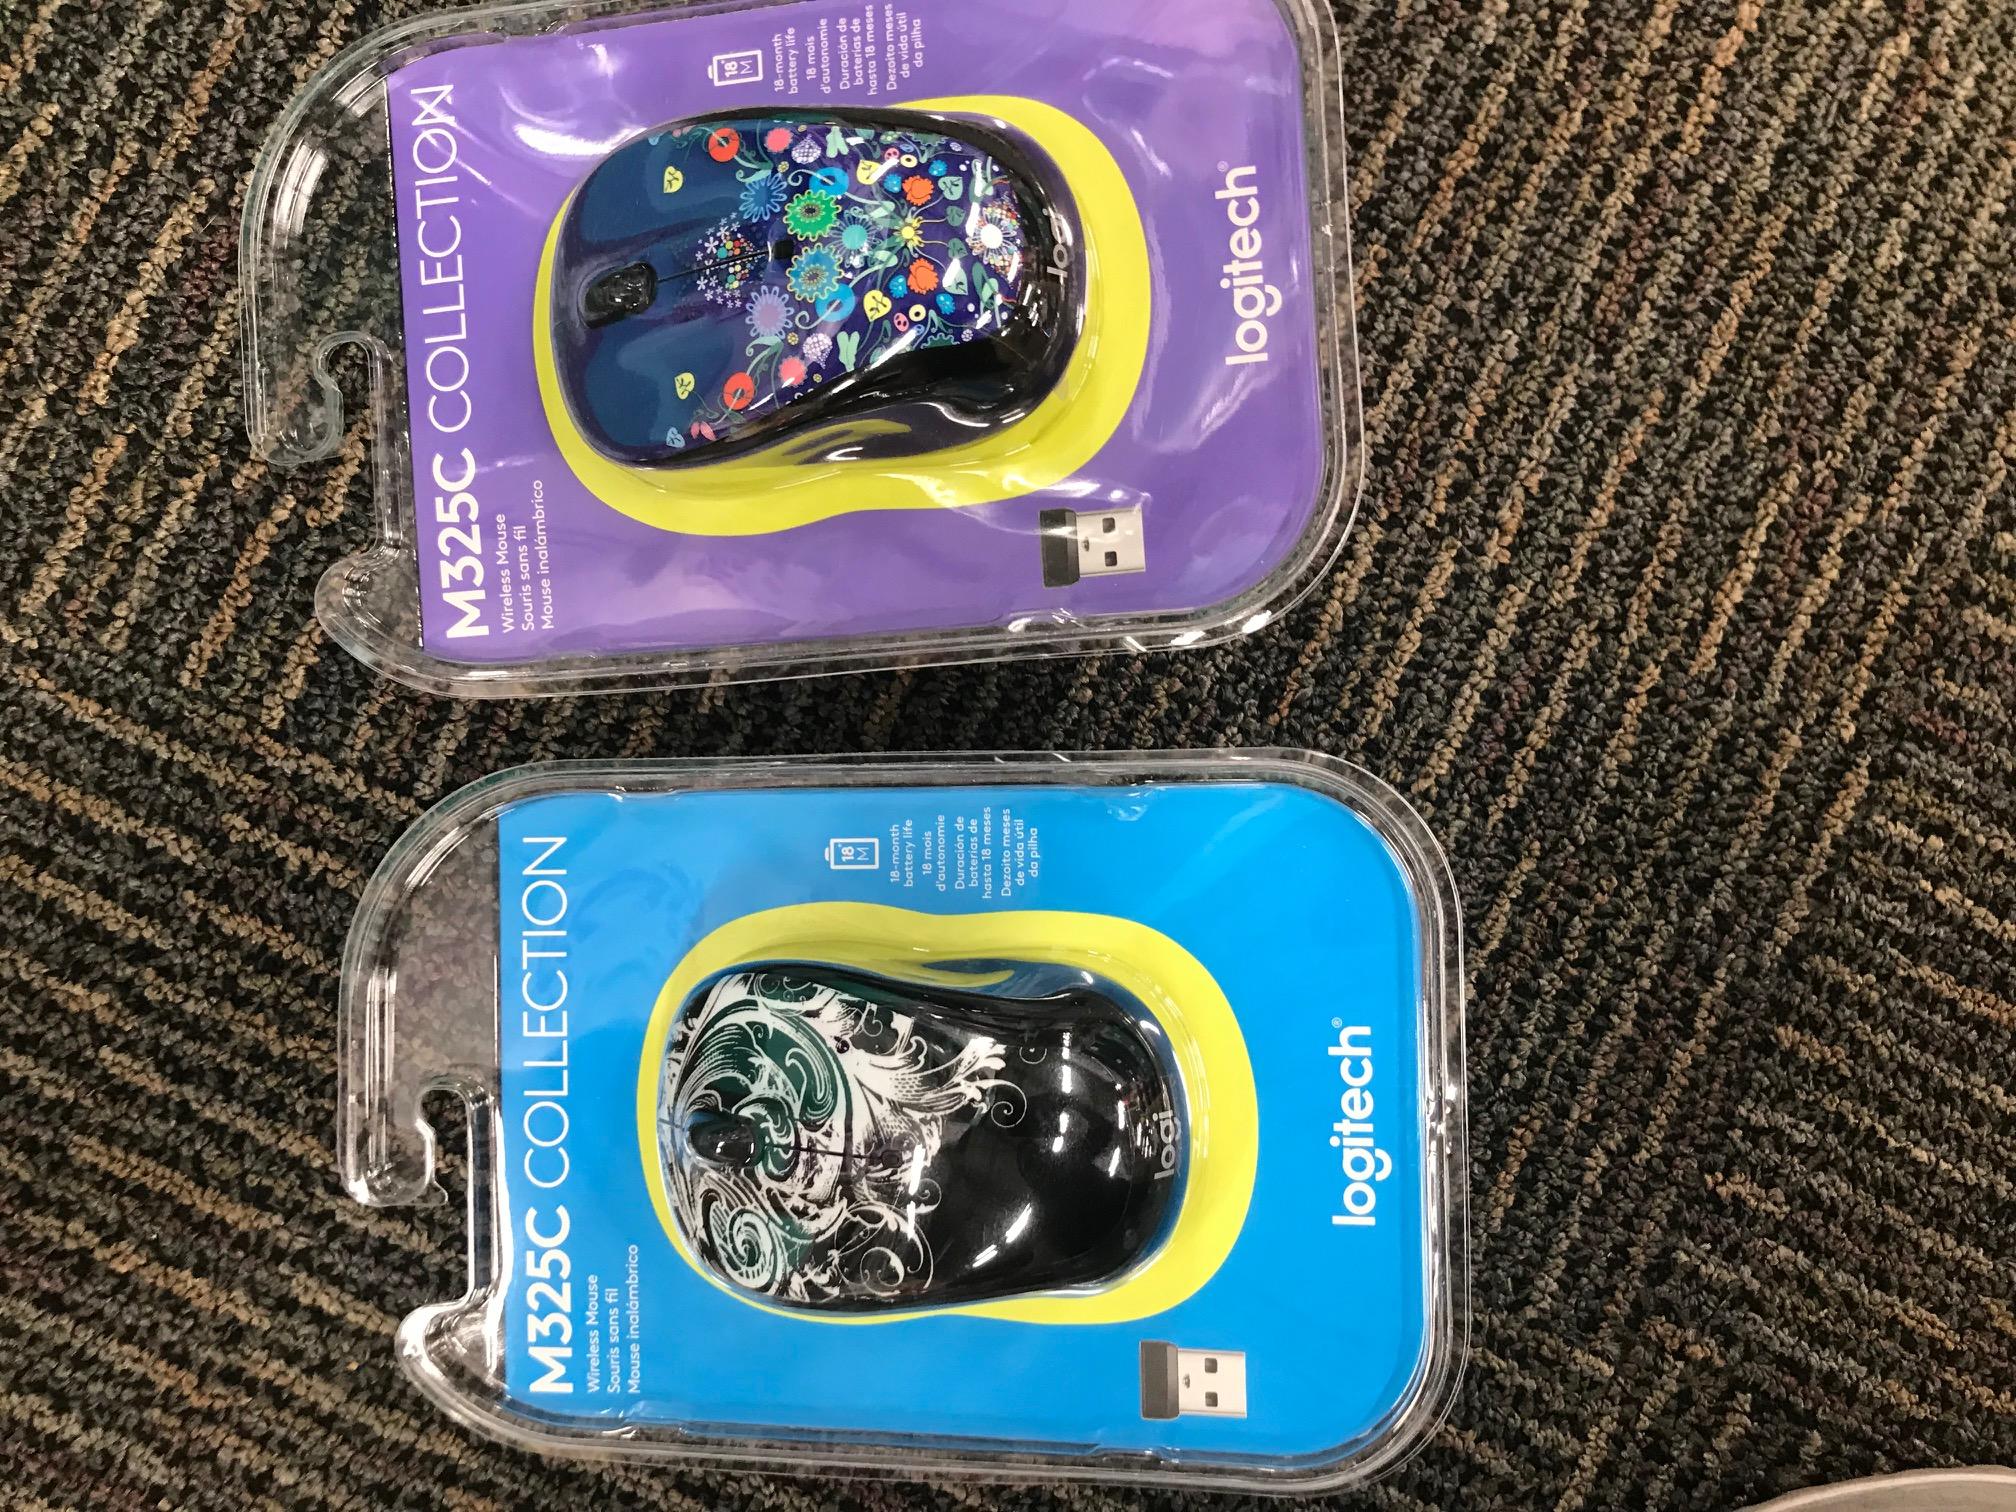 Logitech M325c mouse $2.99 @ OfficeDepot B&M